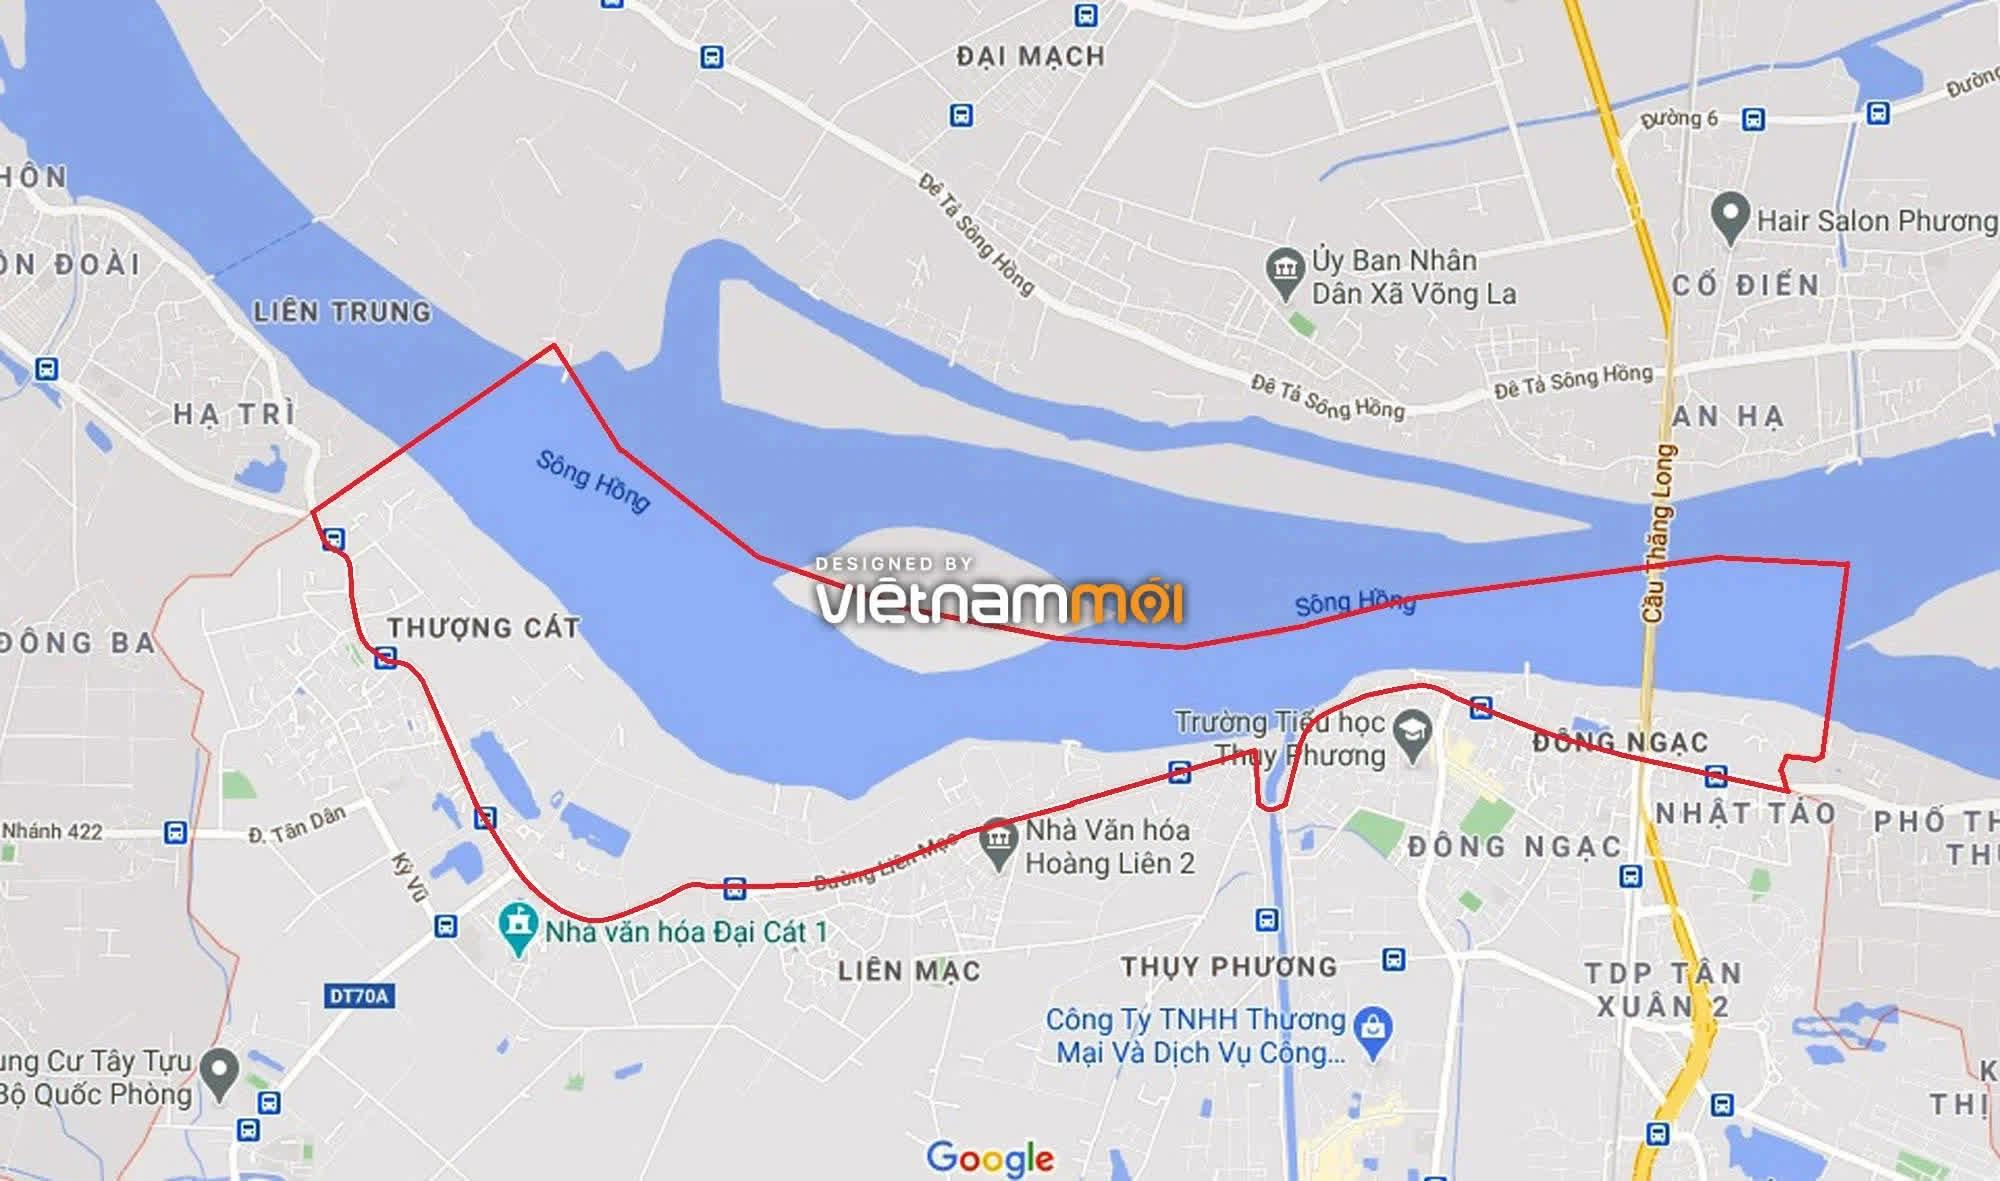 Toàn cảnh hiện trạng Phân khu đô thị sông Hồng trên địa bàn quận Bắc Từ Liêm - Ảnh 1.